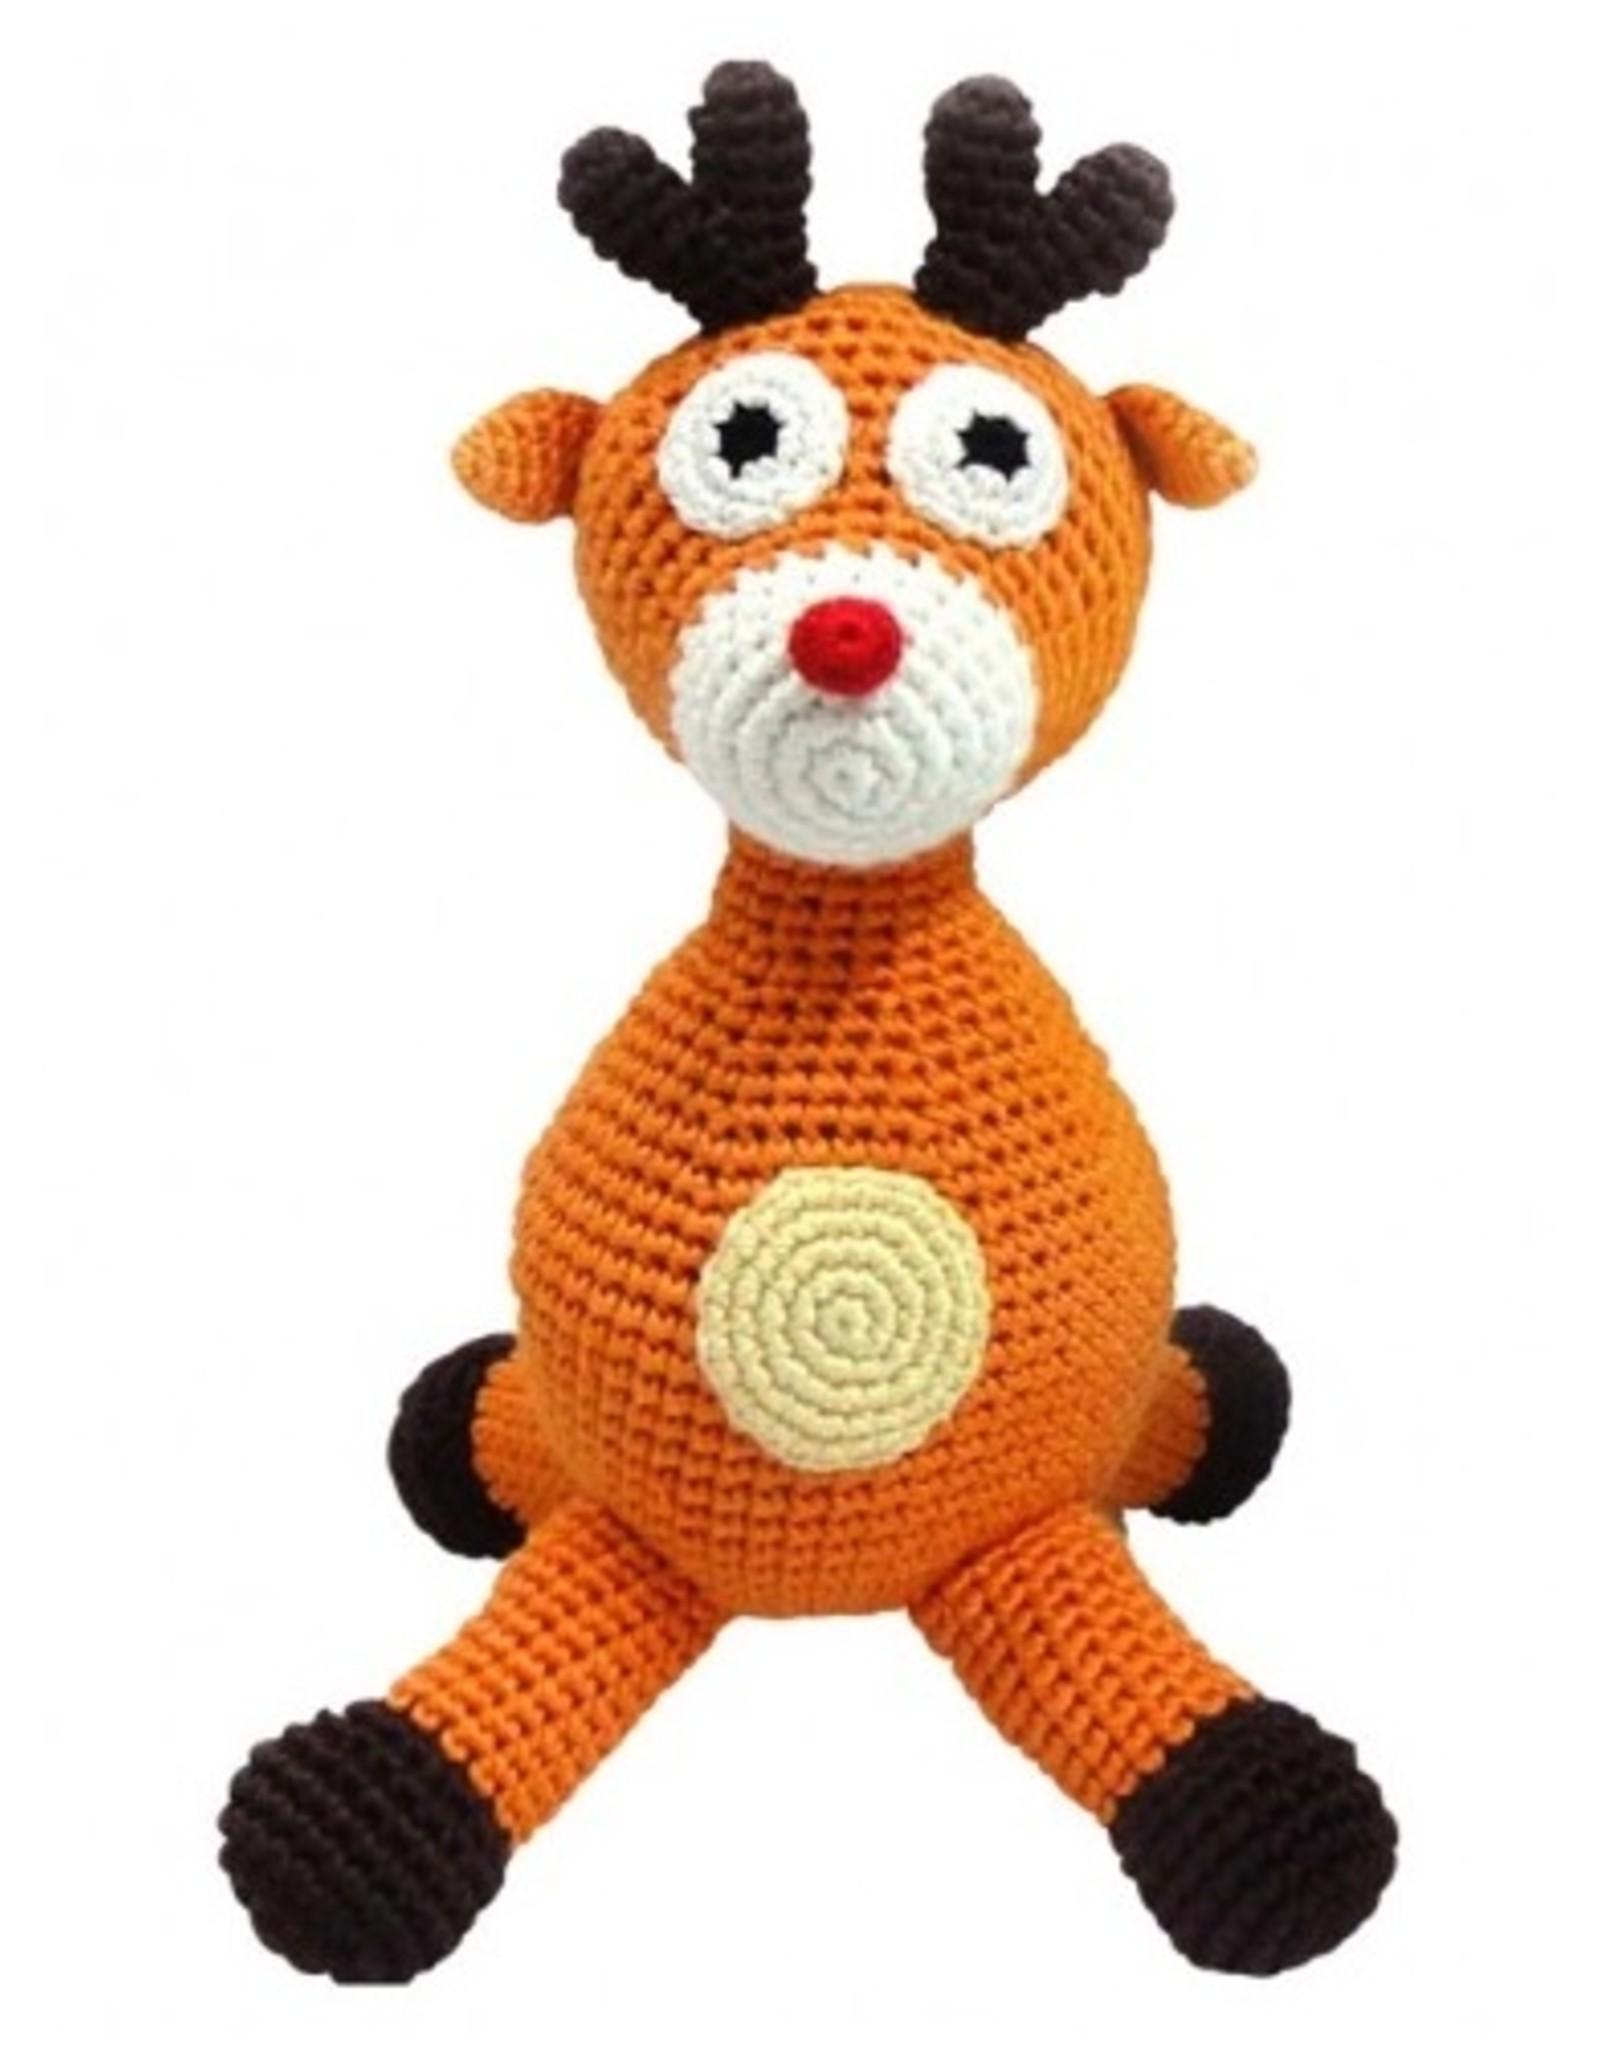 natureZOO stuffed animal - Miss Rudolph